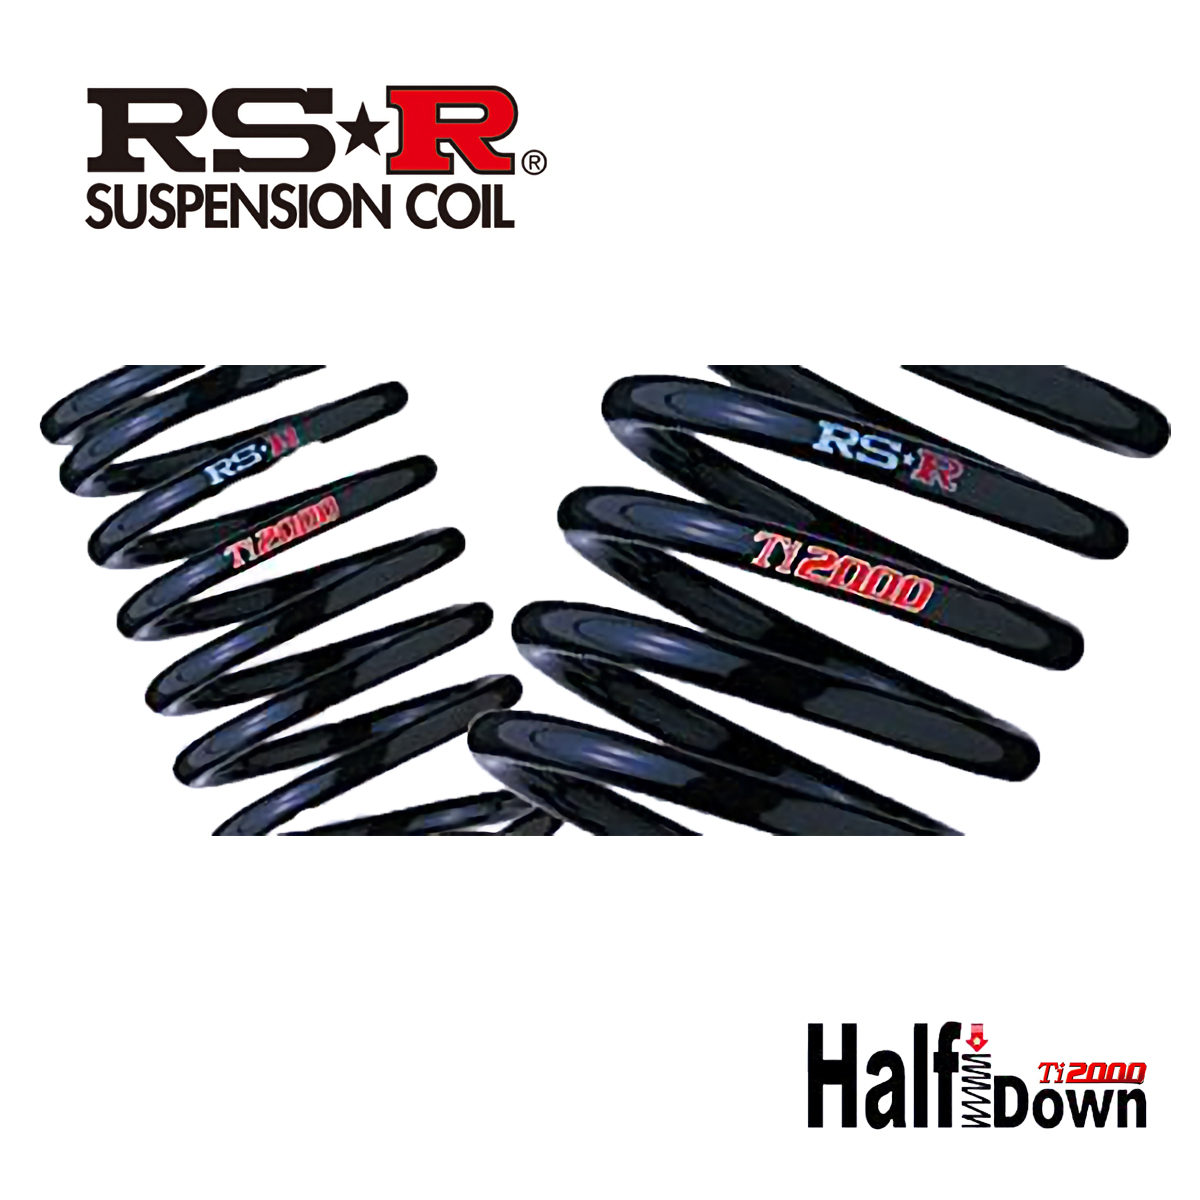 RS-R ロードスター S ND5RC ダウンサス スプリング フロントのみ M031TDF Ti2000 ダウン RSR